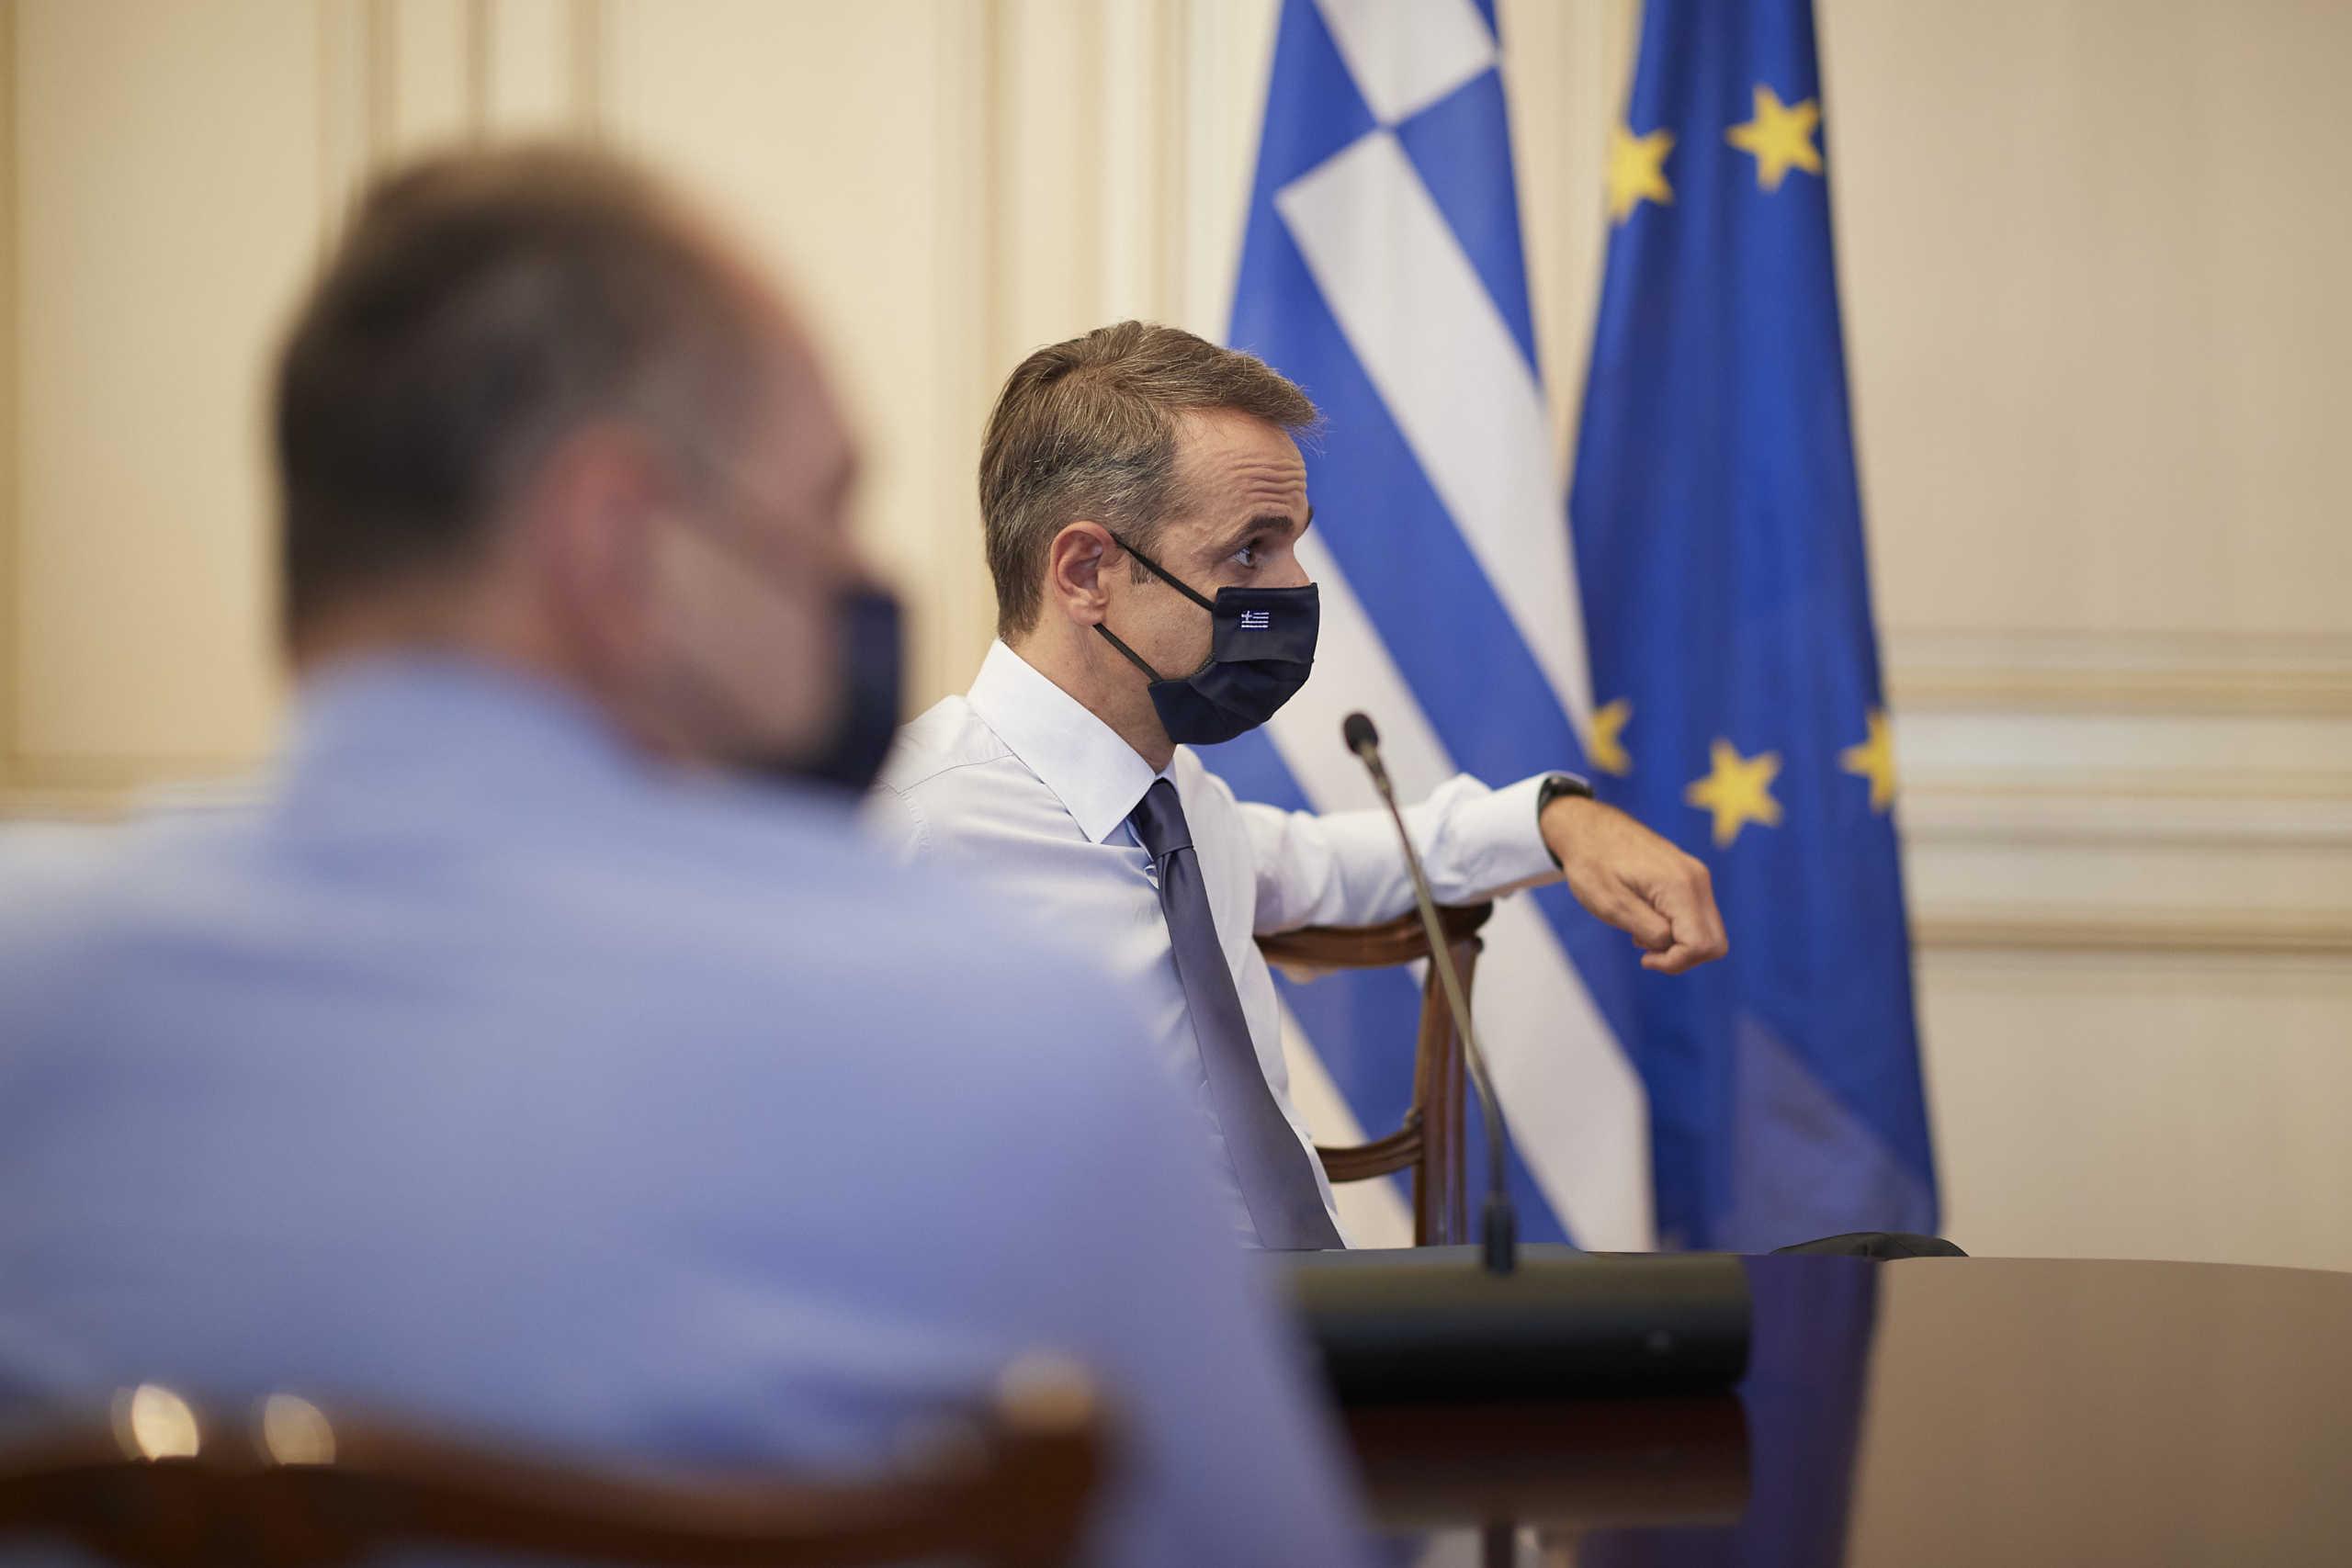 Κορονοϊός: Νέος συναγερμός στο Μαξίμου – Κρίσιμες οι επόμενες μέρες για αυστηρότερα μέτρα